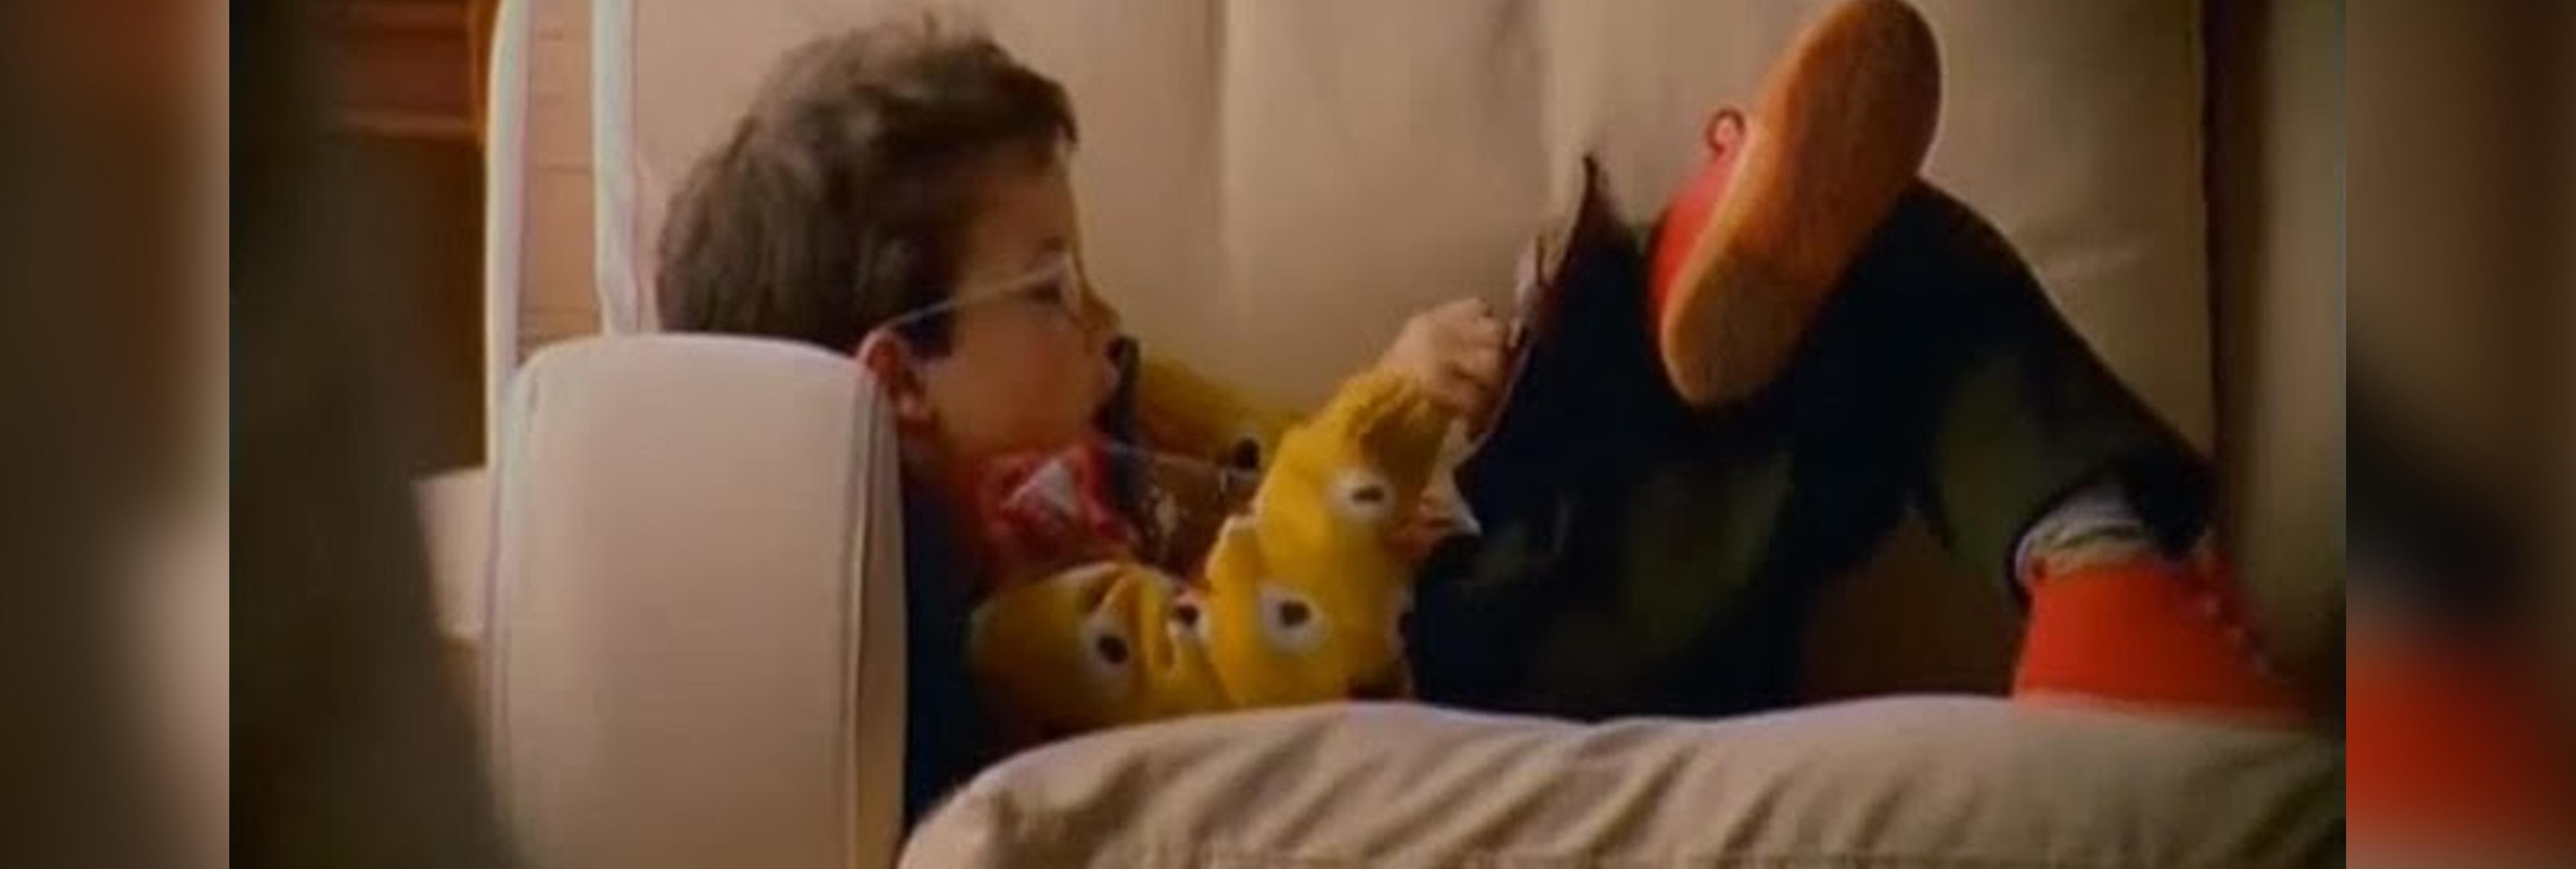 """El niño del """"Hola soy Edu, feliz Navidad"""" recrea el mítico anuncio 20 años después"""